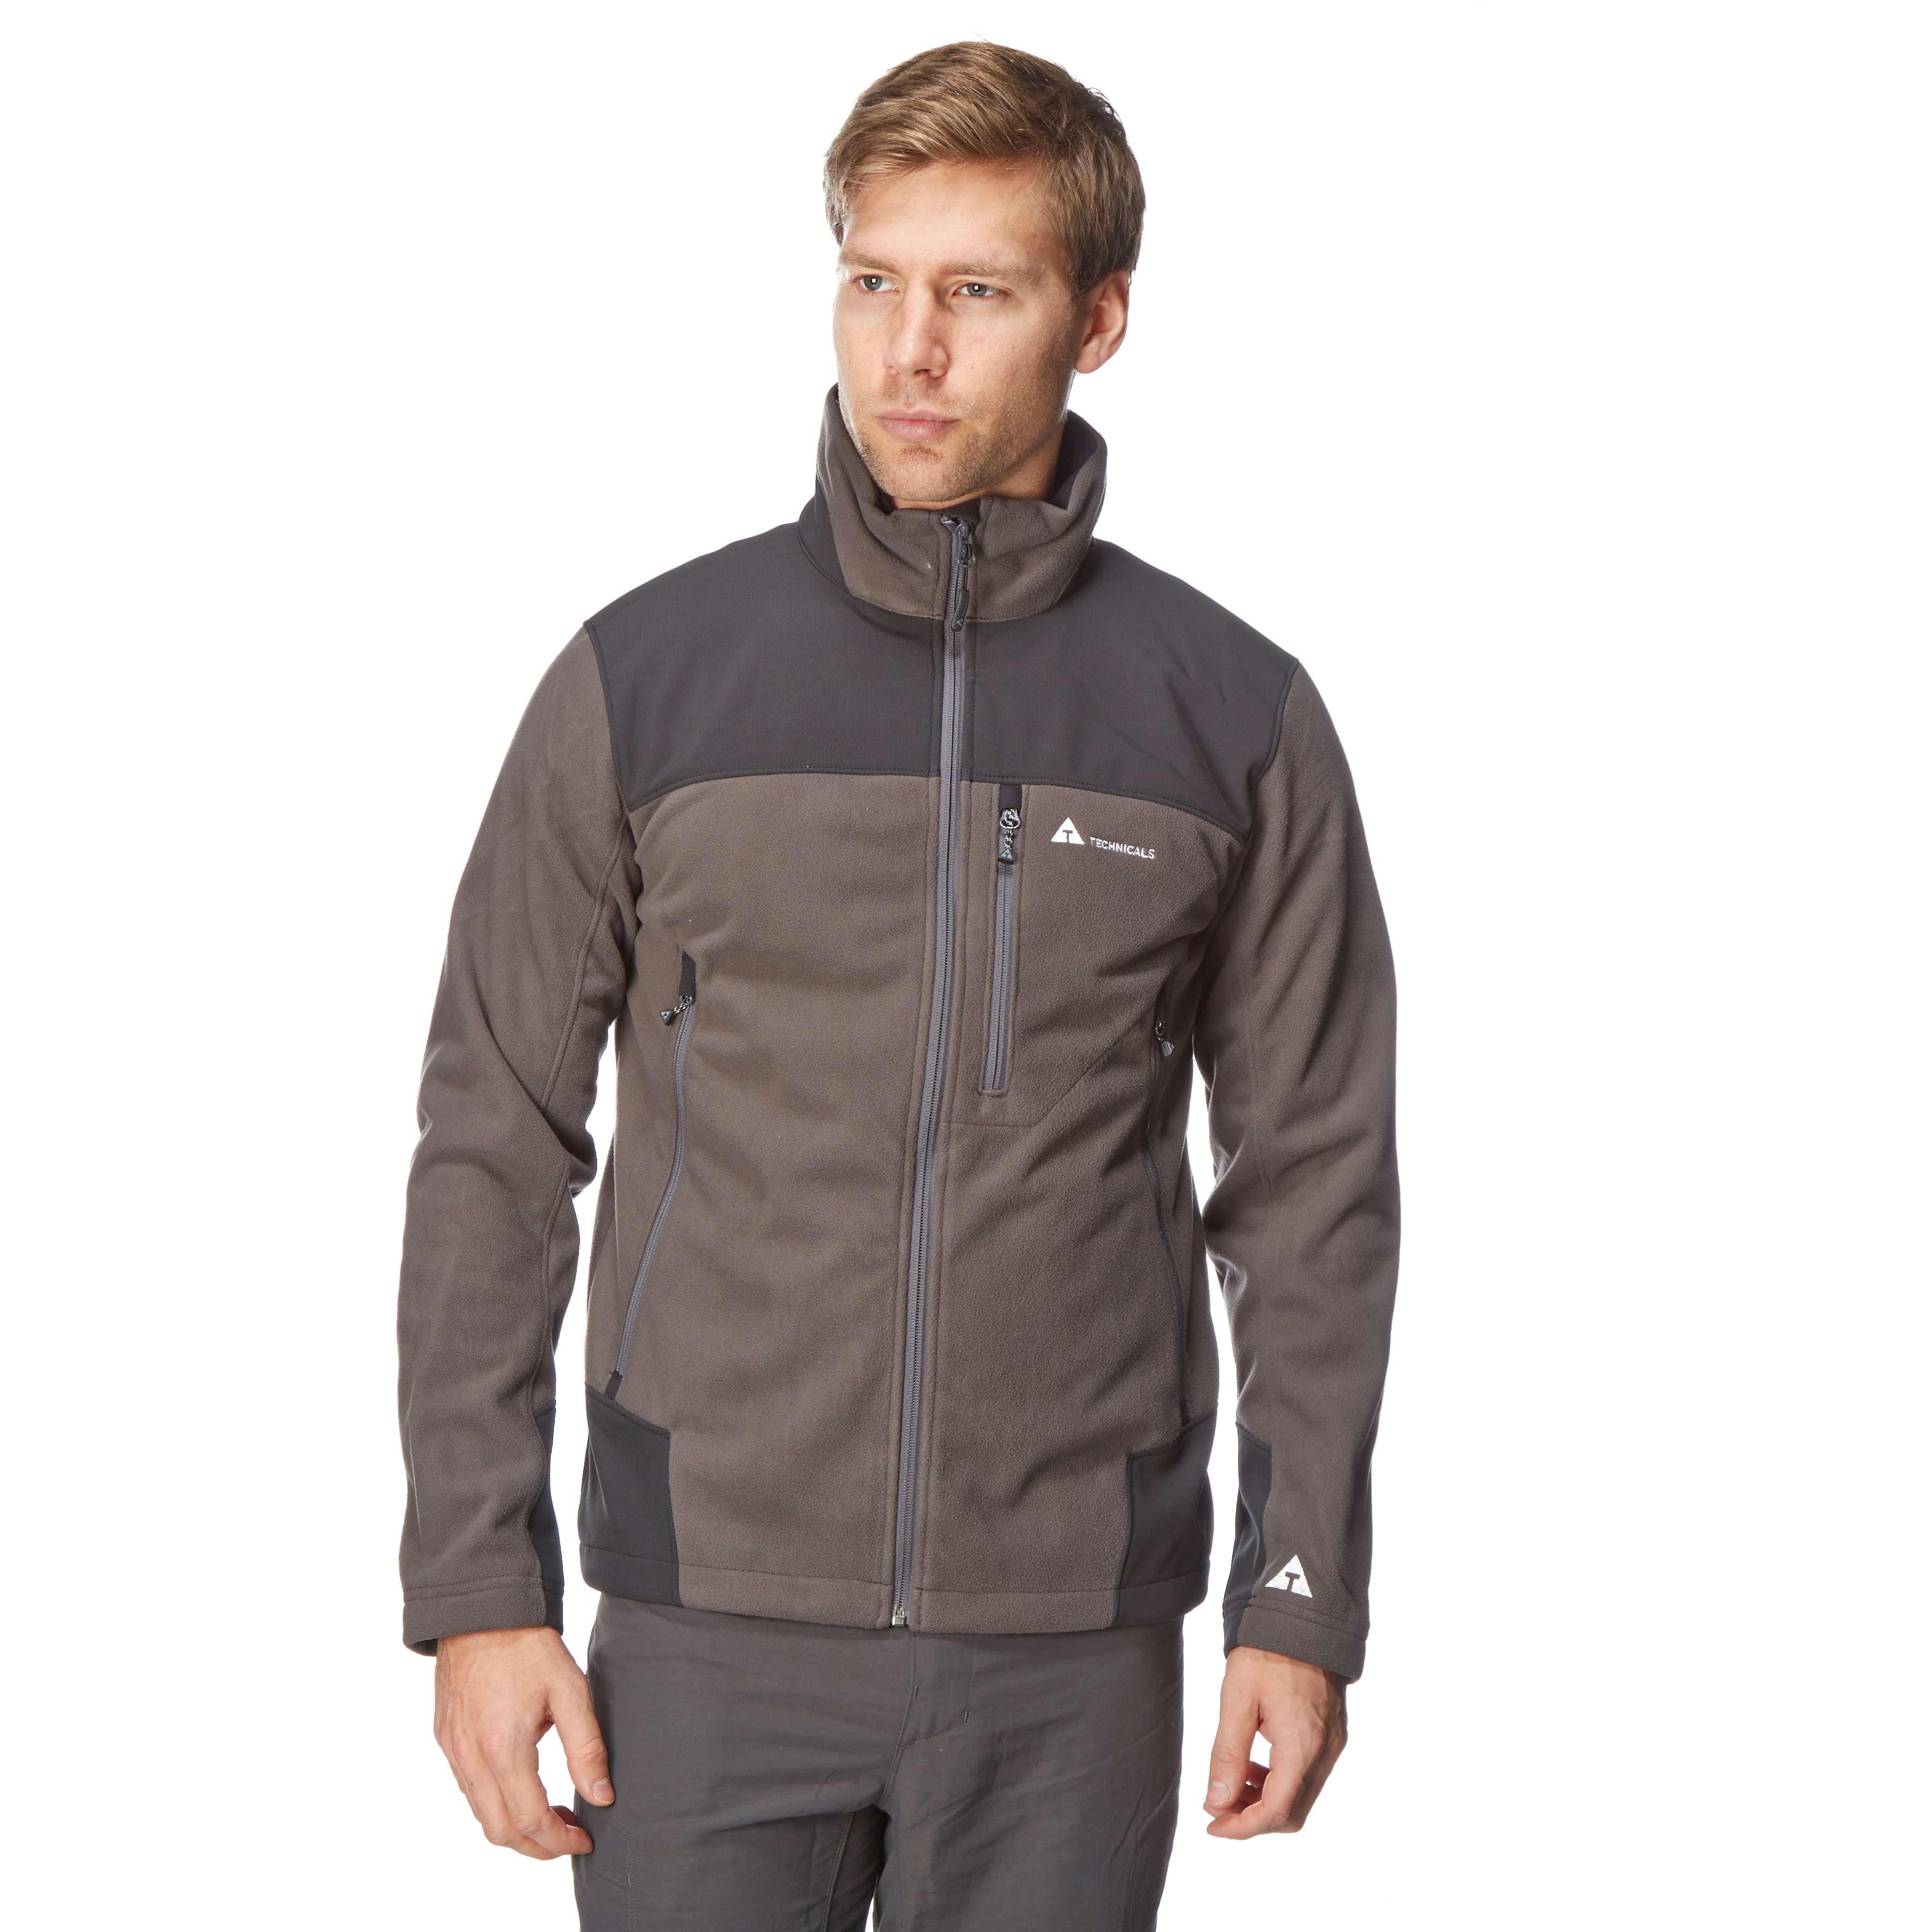 TECHNICALS Men's Windproof Softshell Jacket